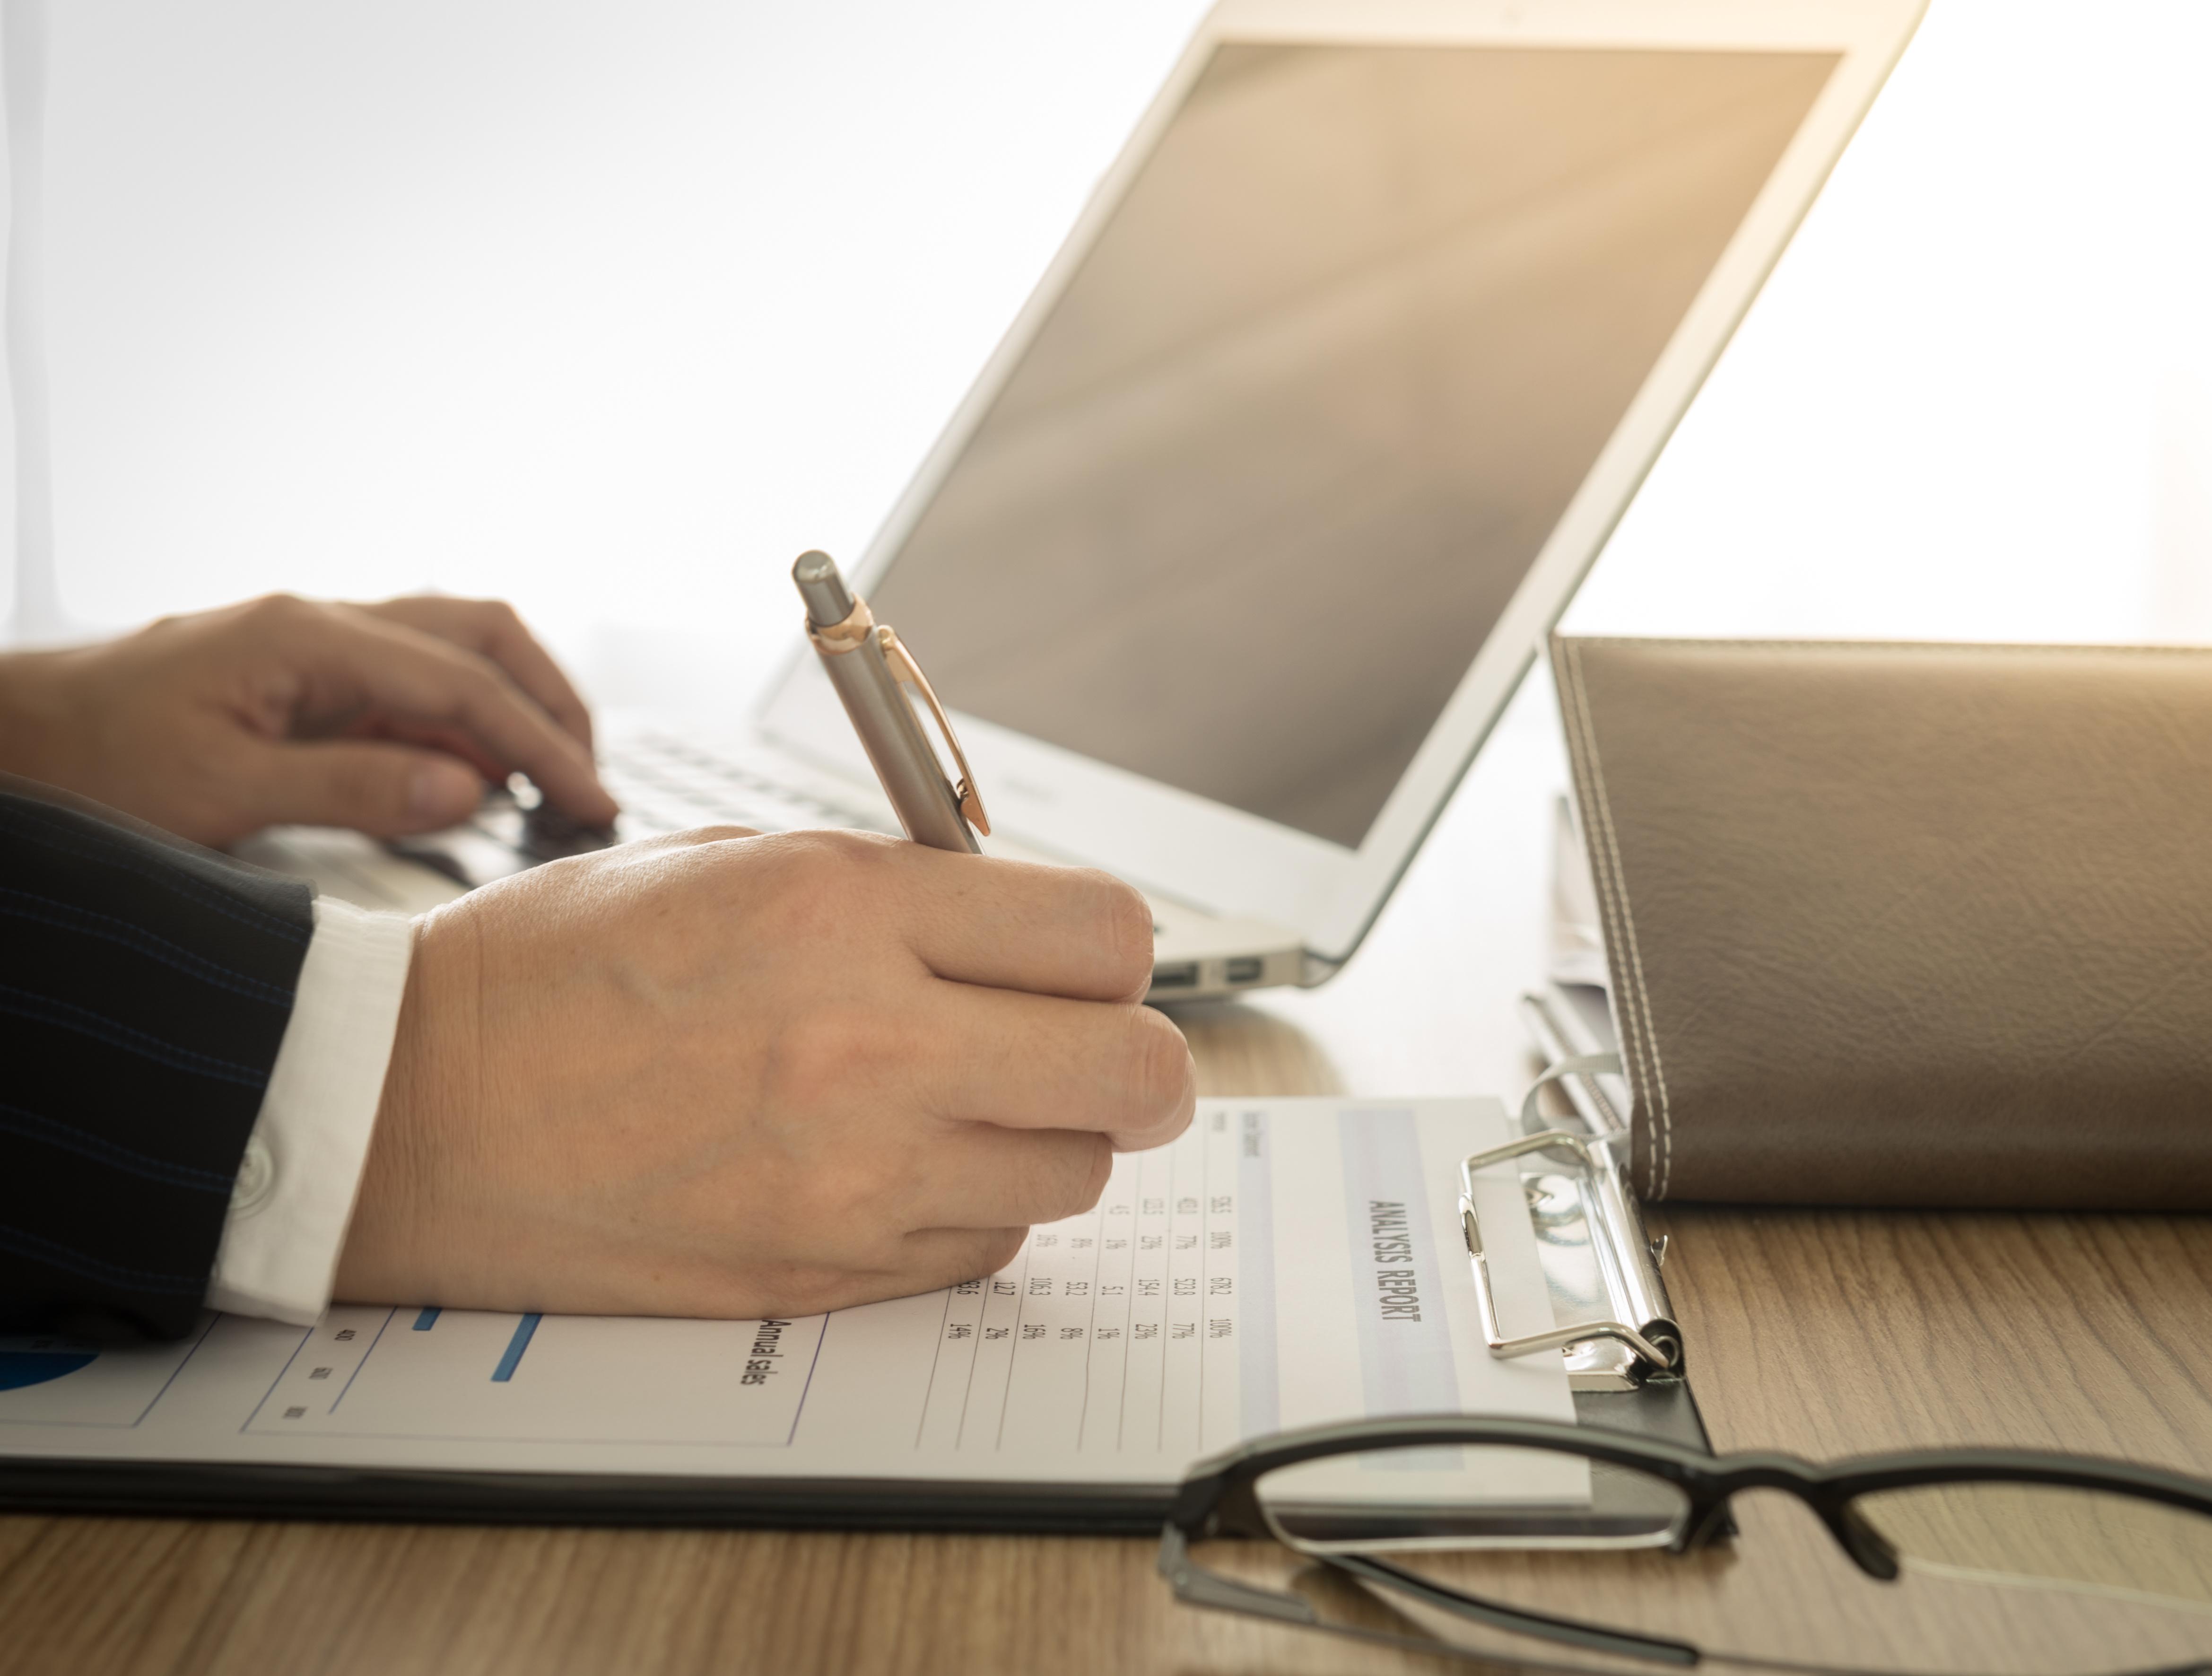 Impozitarea economiei digitate și taxa pe valoare adăugată simplificată pentru IMM-uri, principalele subiecte din buletinul de știri ETAF din 17 septembrie